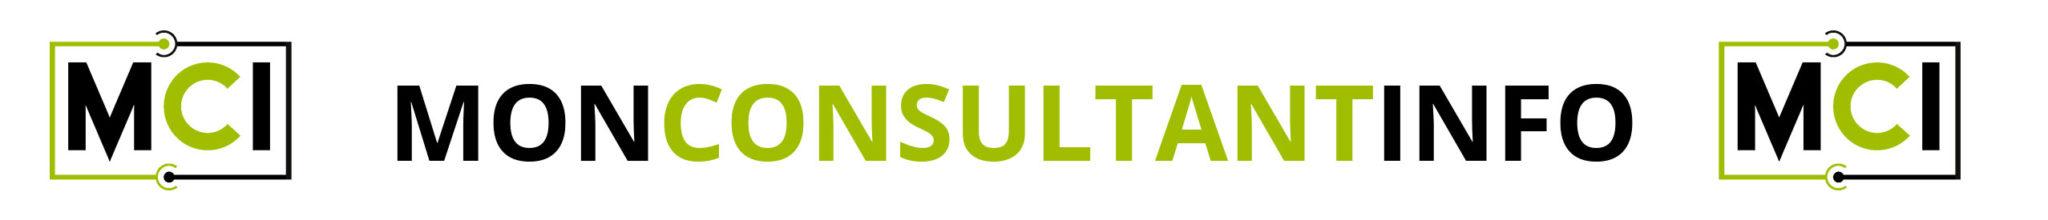 monconsultantinfo-logo-ligne-2021